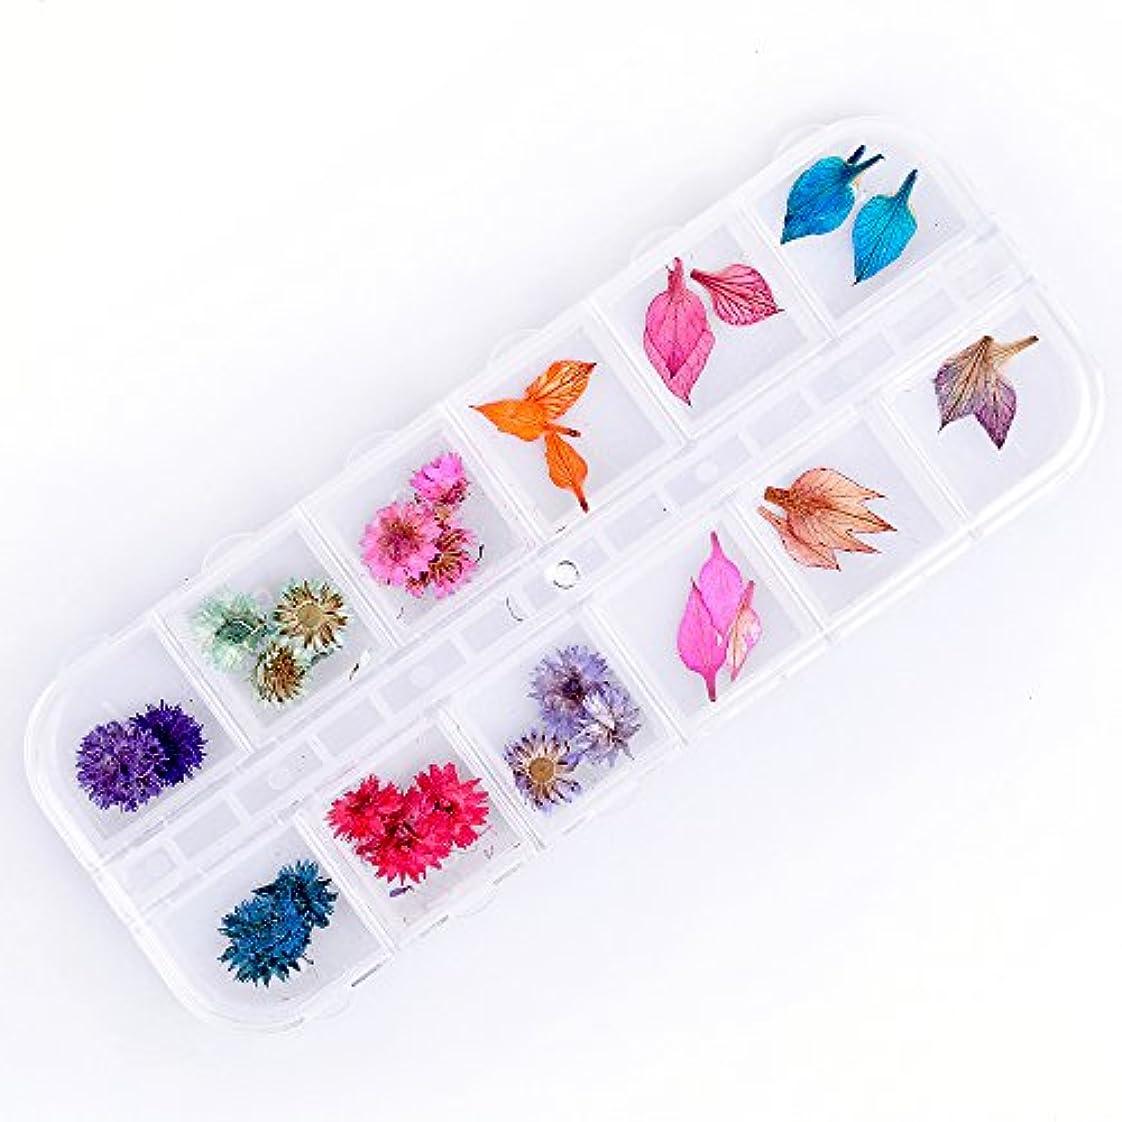 風子音成長Takarafune 押し花 ドライフラワー 葉 3Dネイル レジンデコレーション DIY ネイルパーツ 明収納ケース 2種類 各6色